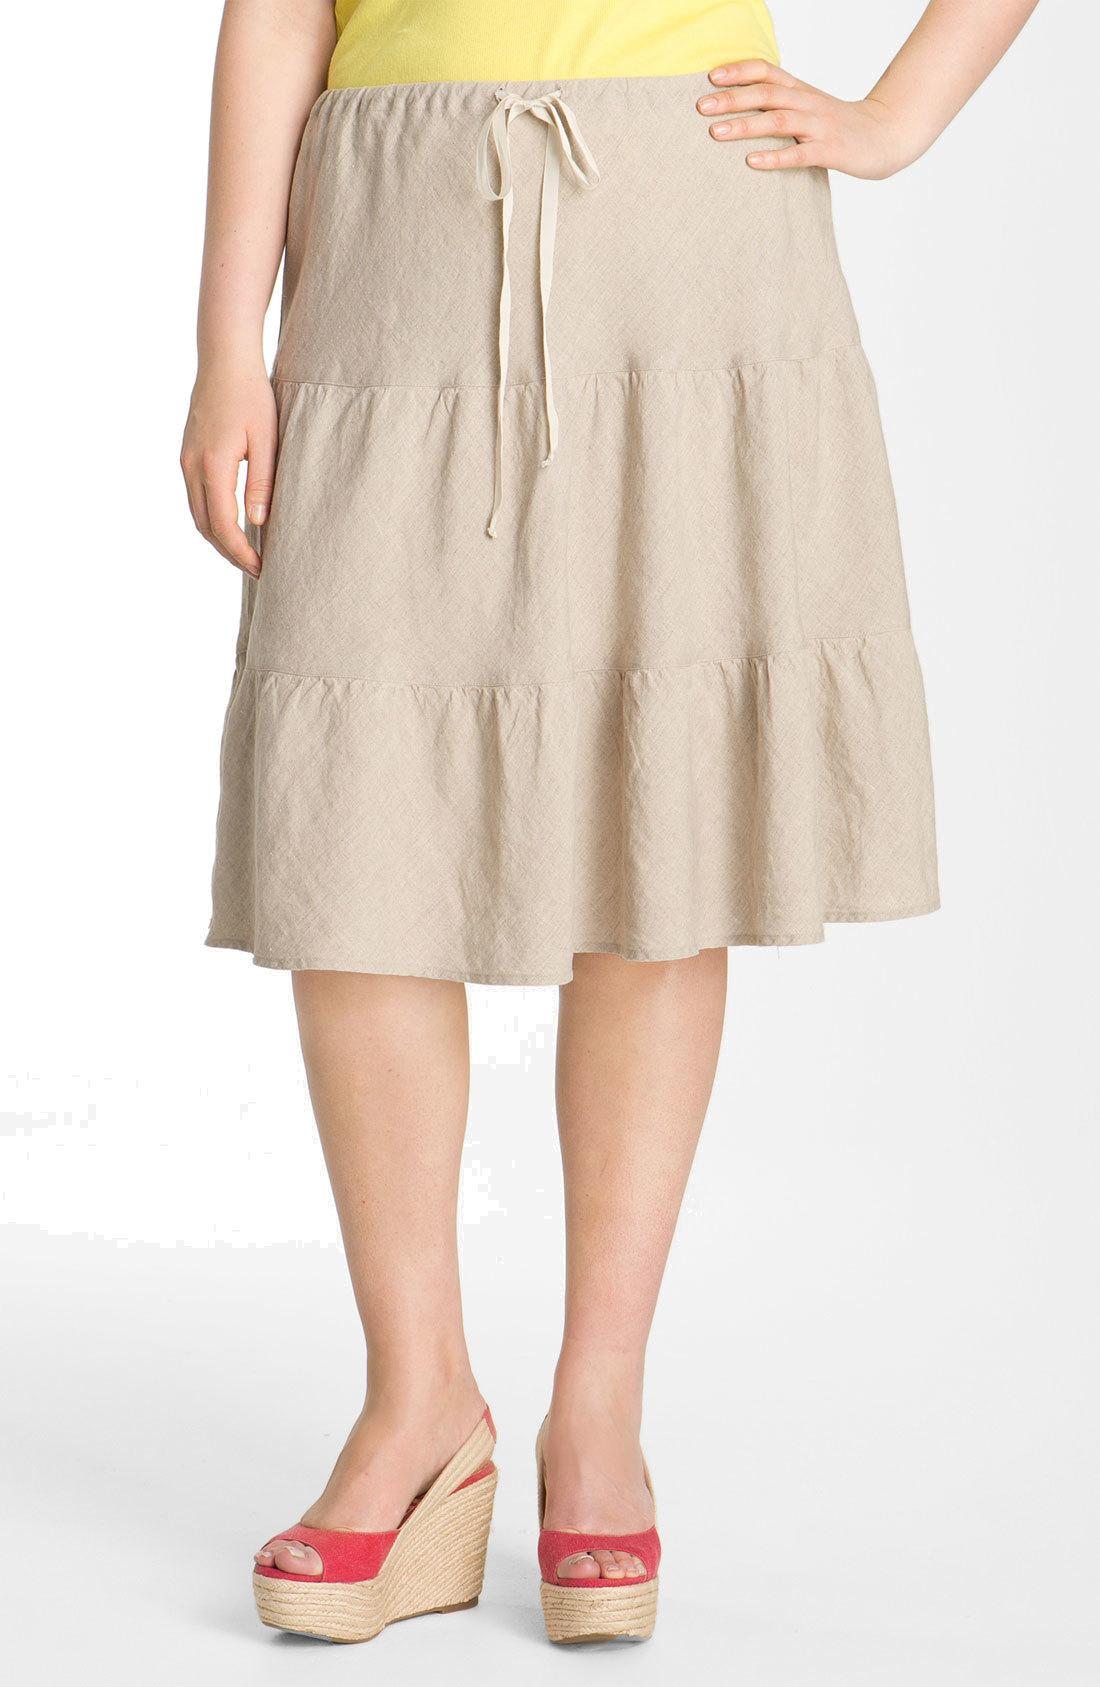 Skirt Women/'s 38 Linen Skirt Brown Skirt Women/'s Skirt